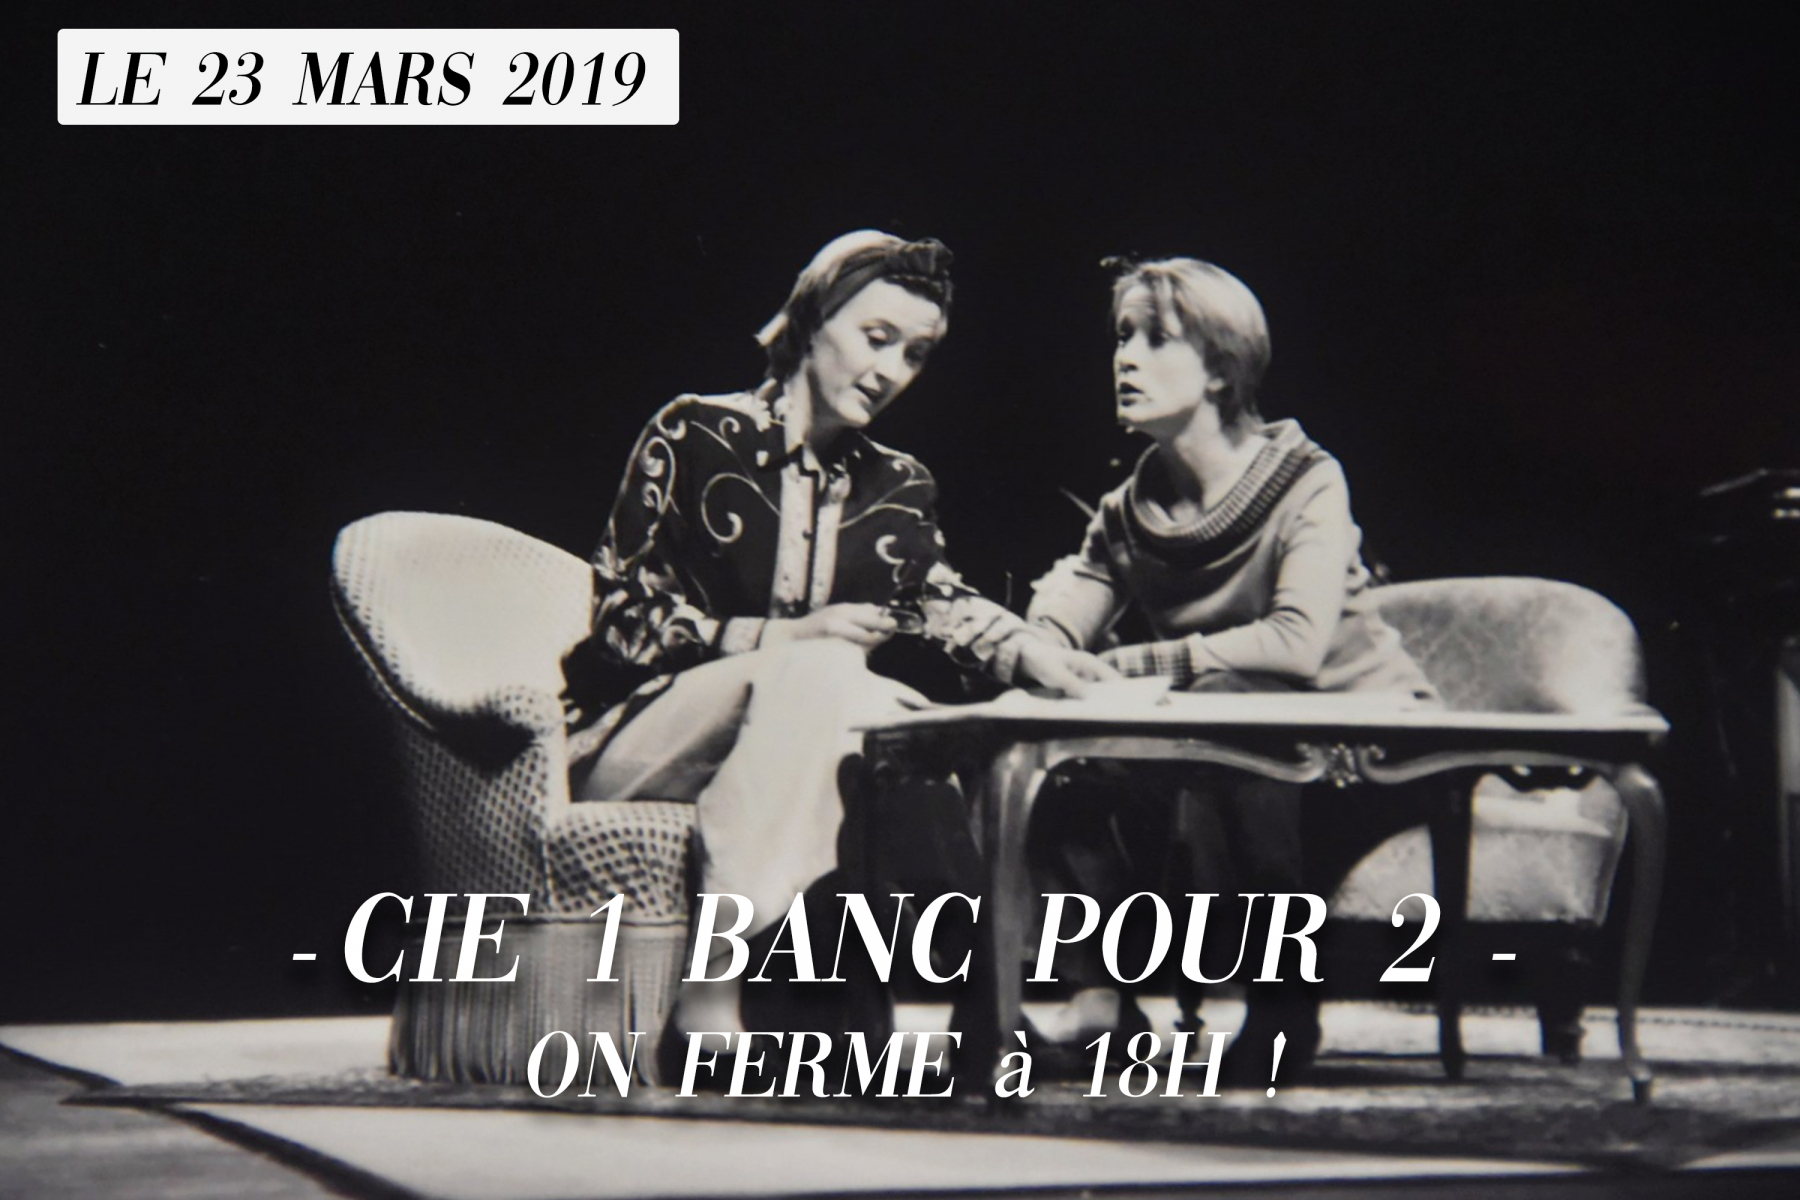 Cie-1-banc-pour-2